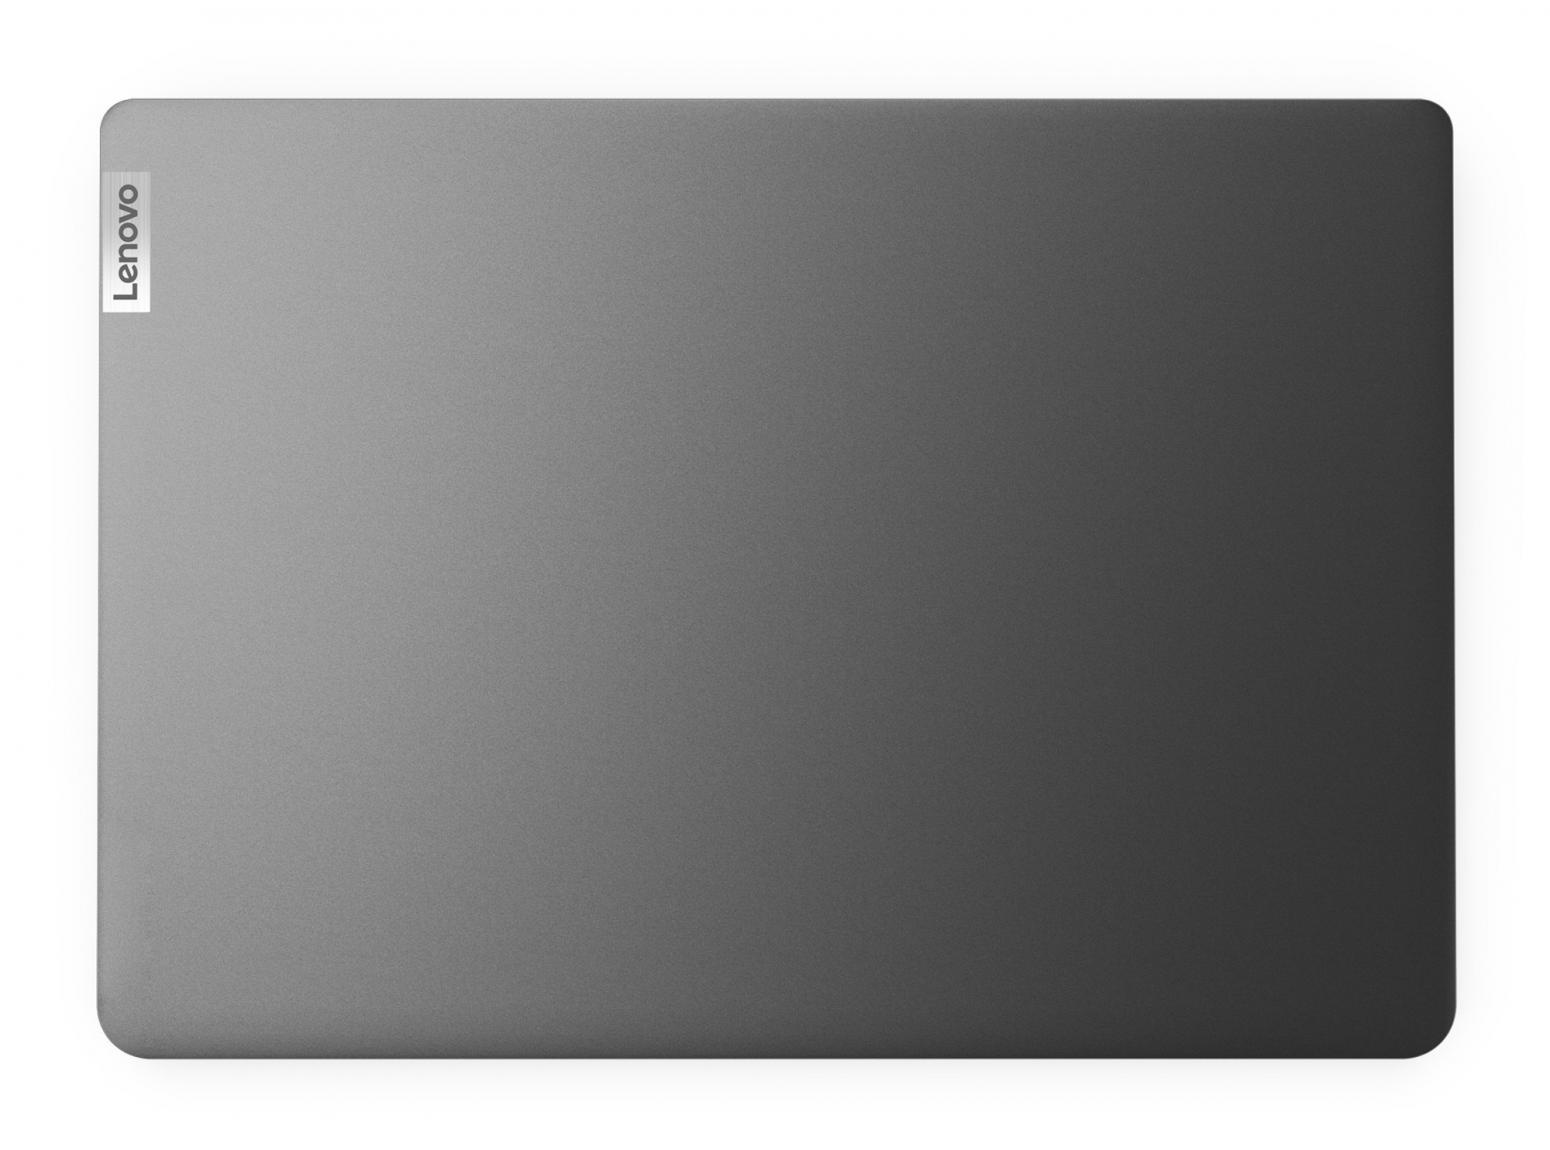 Ordinateur portable Lenovo IdeaPad 5 Pro 14ITL6 (82L3001WFR) Argent - 2.8K 90Hz - photo 9